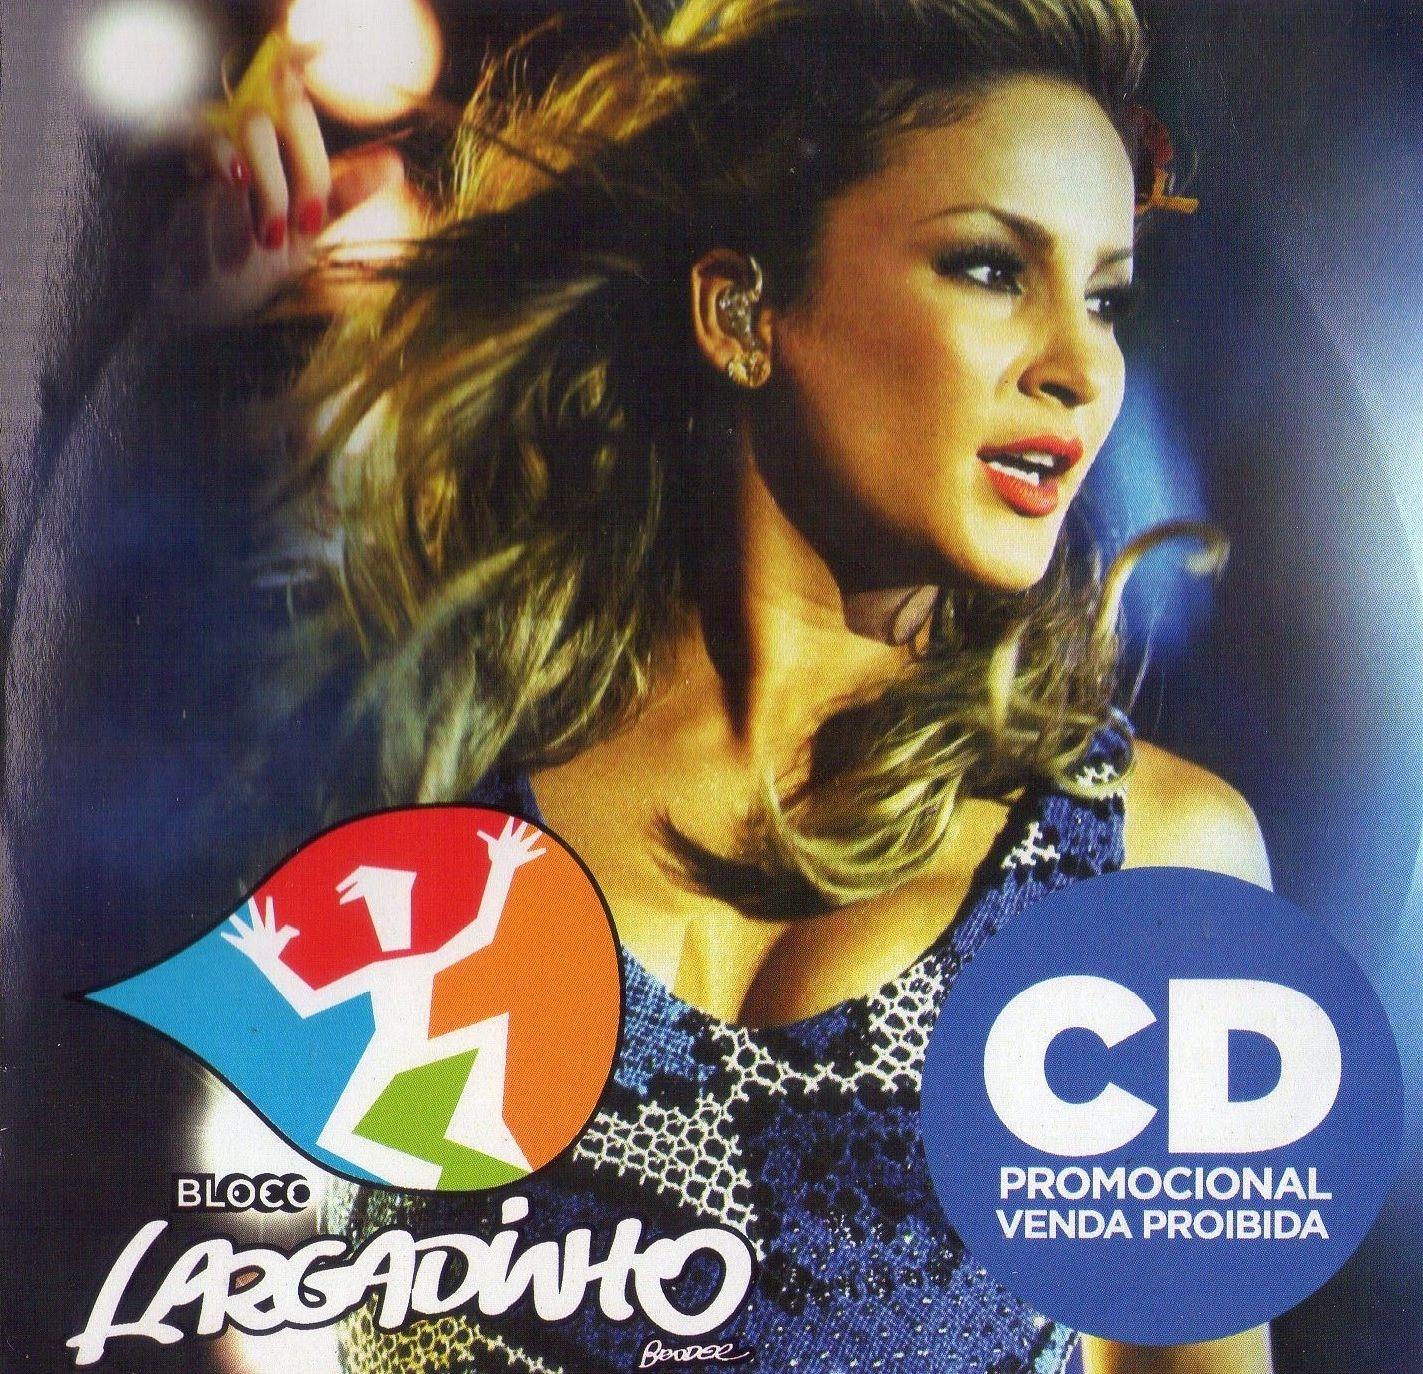 DA BAIXAR CLAUDIA LEITTE LARGADINHO CD